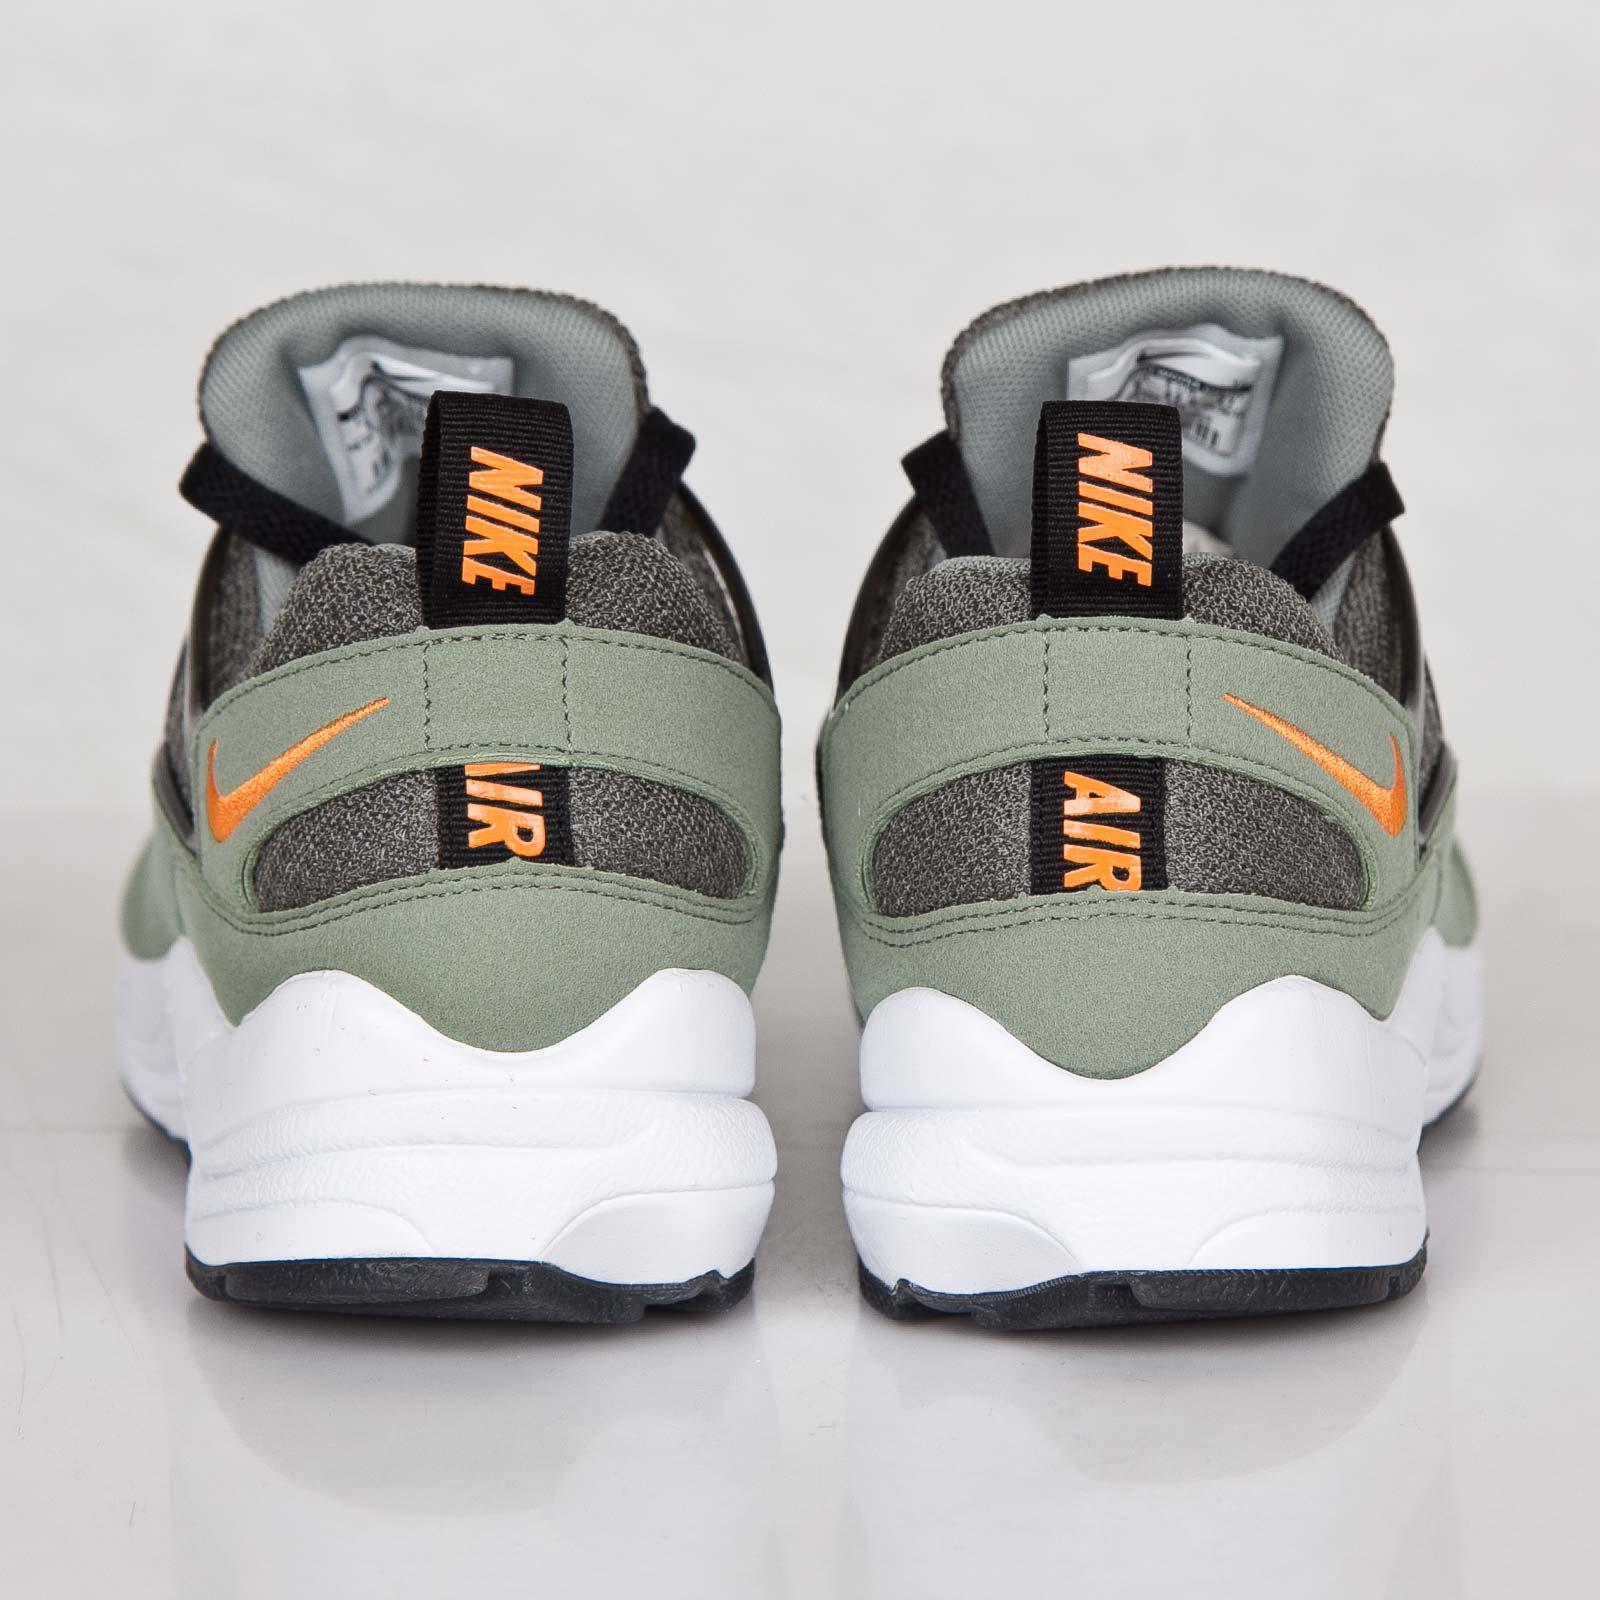 pretty nice 9faa8 5520b Nike Air Huarache Light - 306127-380 - Sneakersnstuff   sneakers    streetwear online since 1999